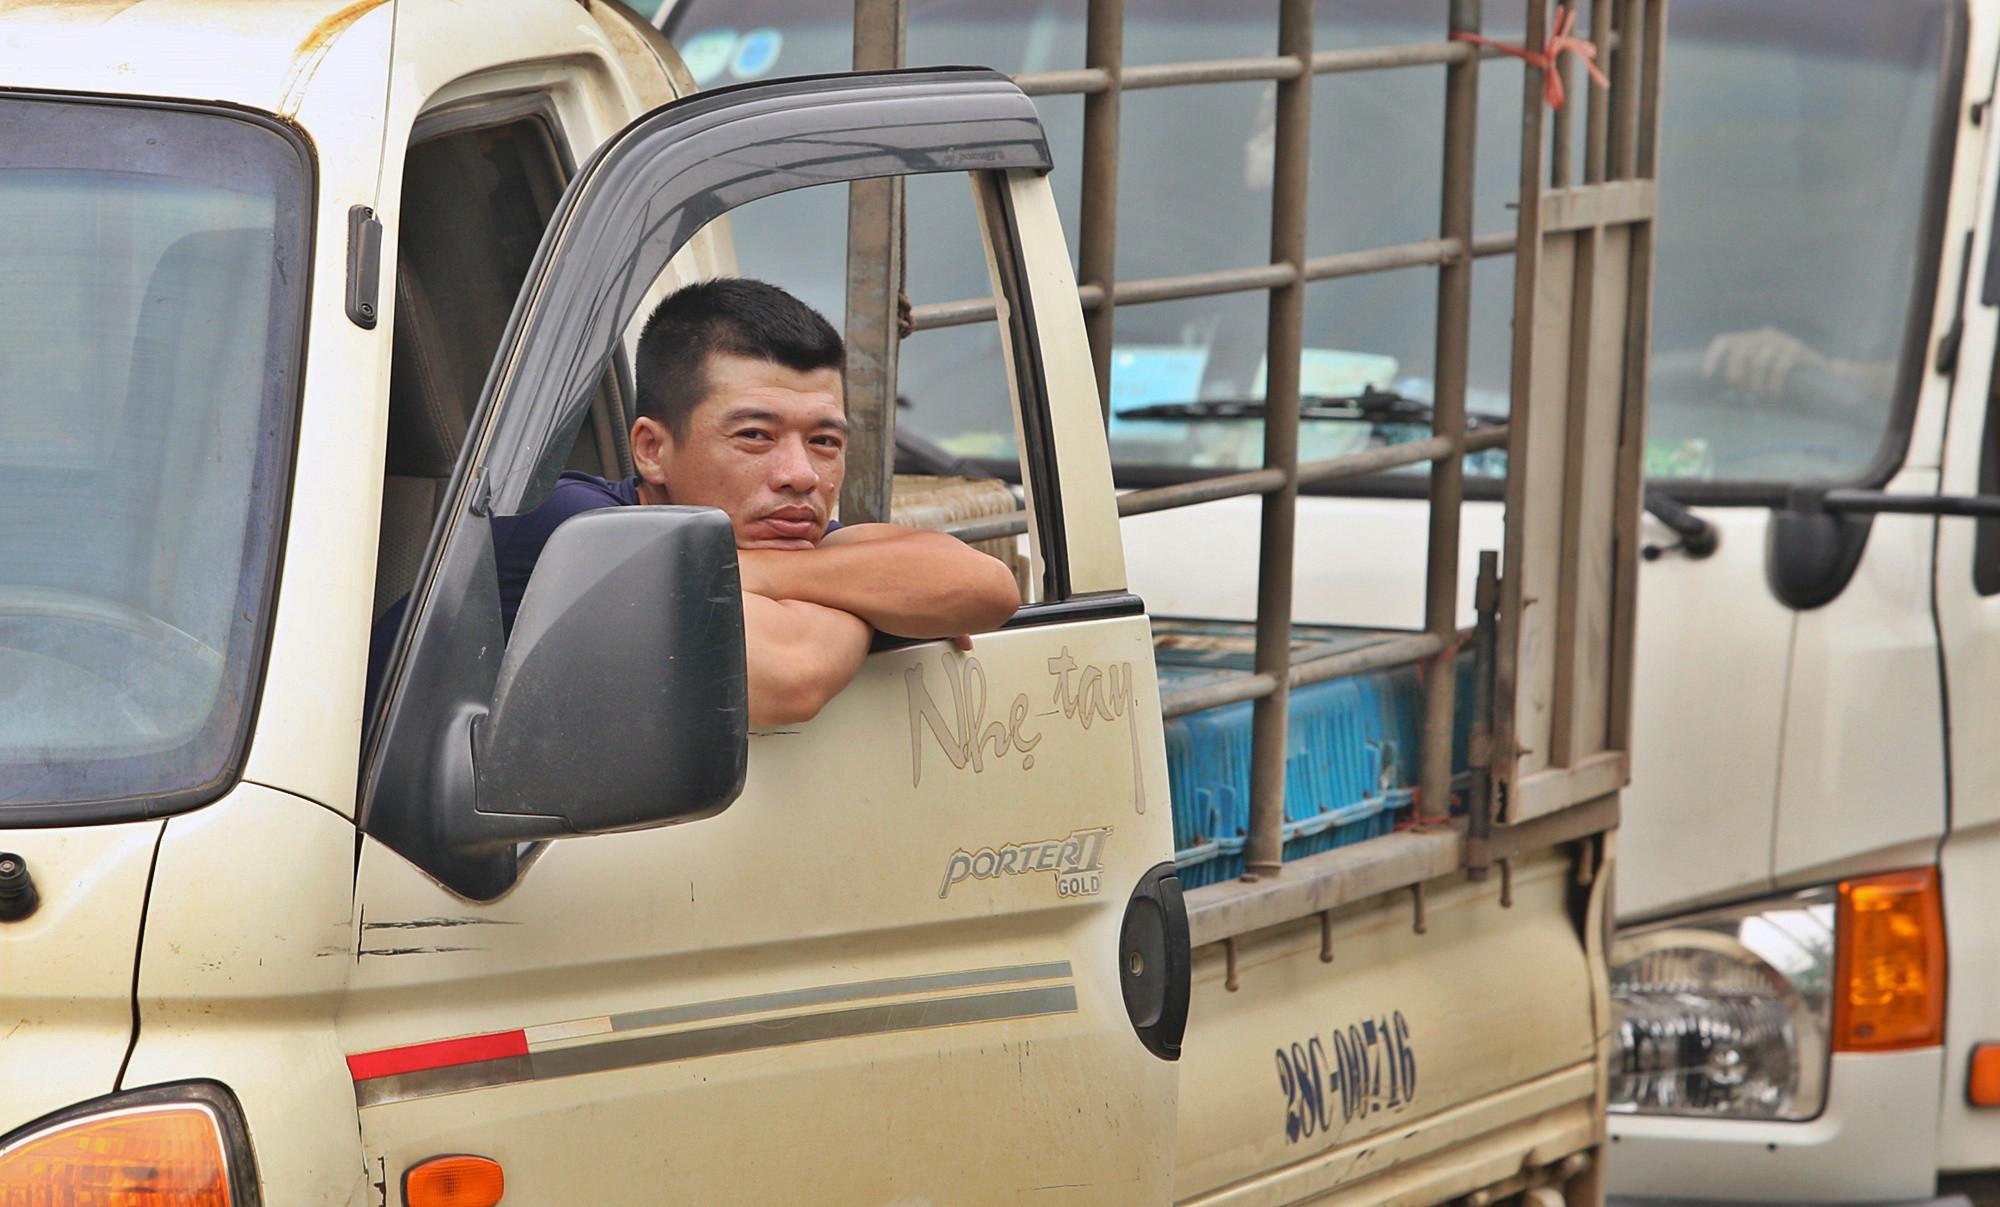 Tài xế khổ sở xếp hàng chờ, khách xuống xe đi bộ vì làn thu phí BOT Hòa Lạc - Hòa Bình bị chặn - Ảnh 4.